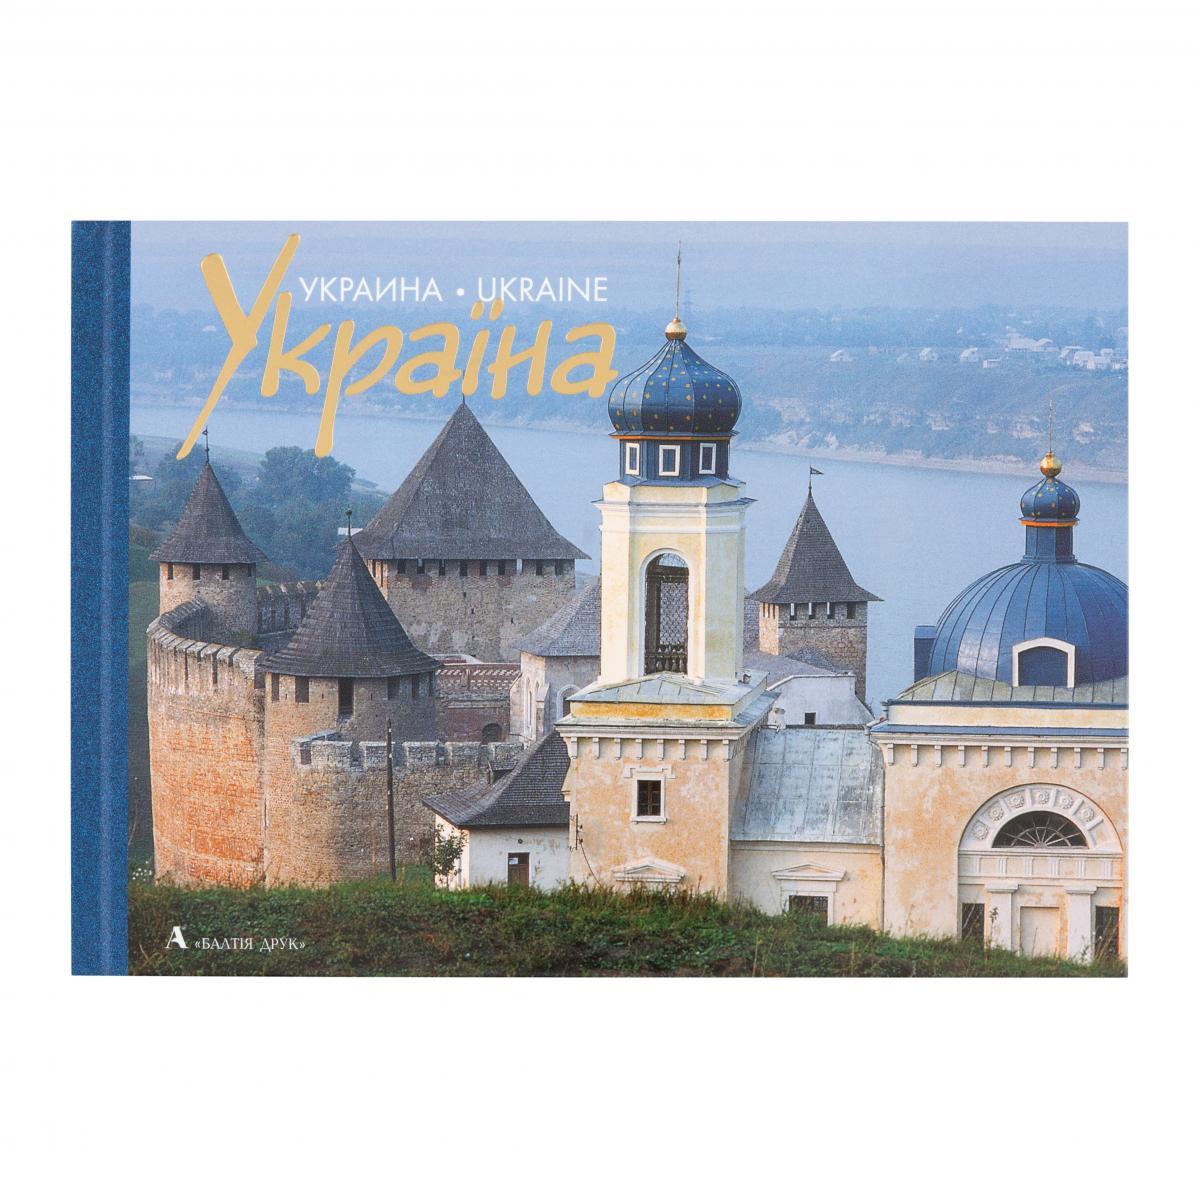 Book Ukraine. Photo №1. | Narodnyi dim Ukraine